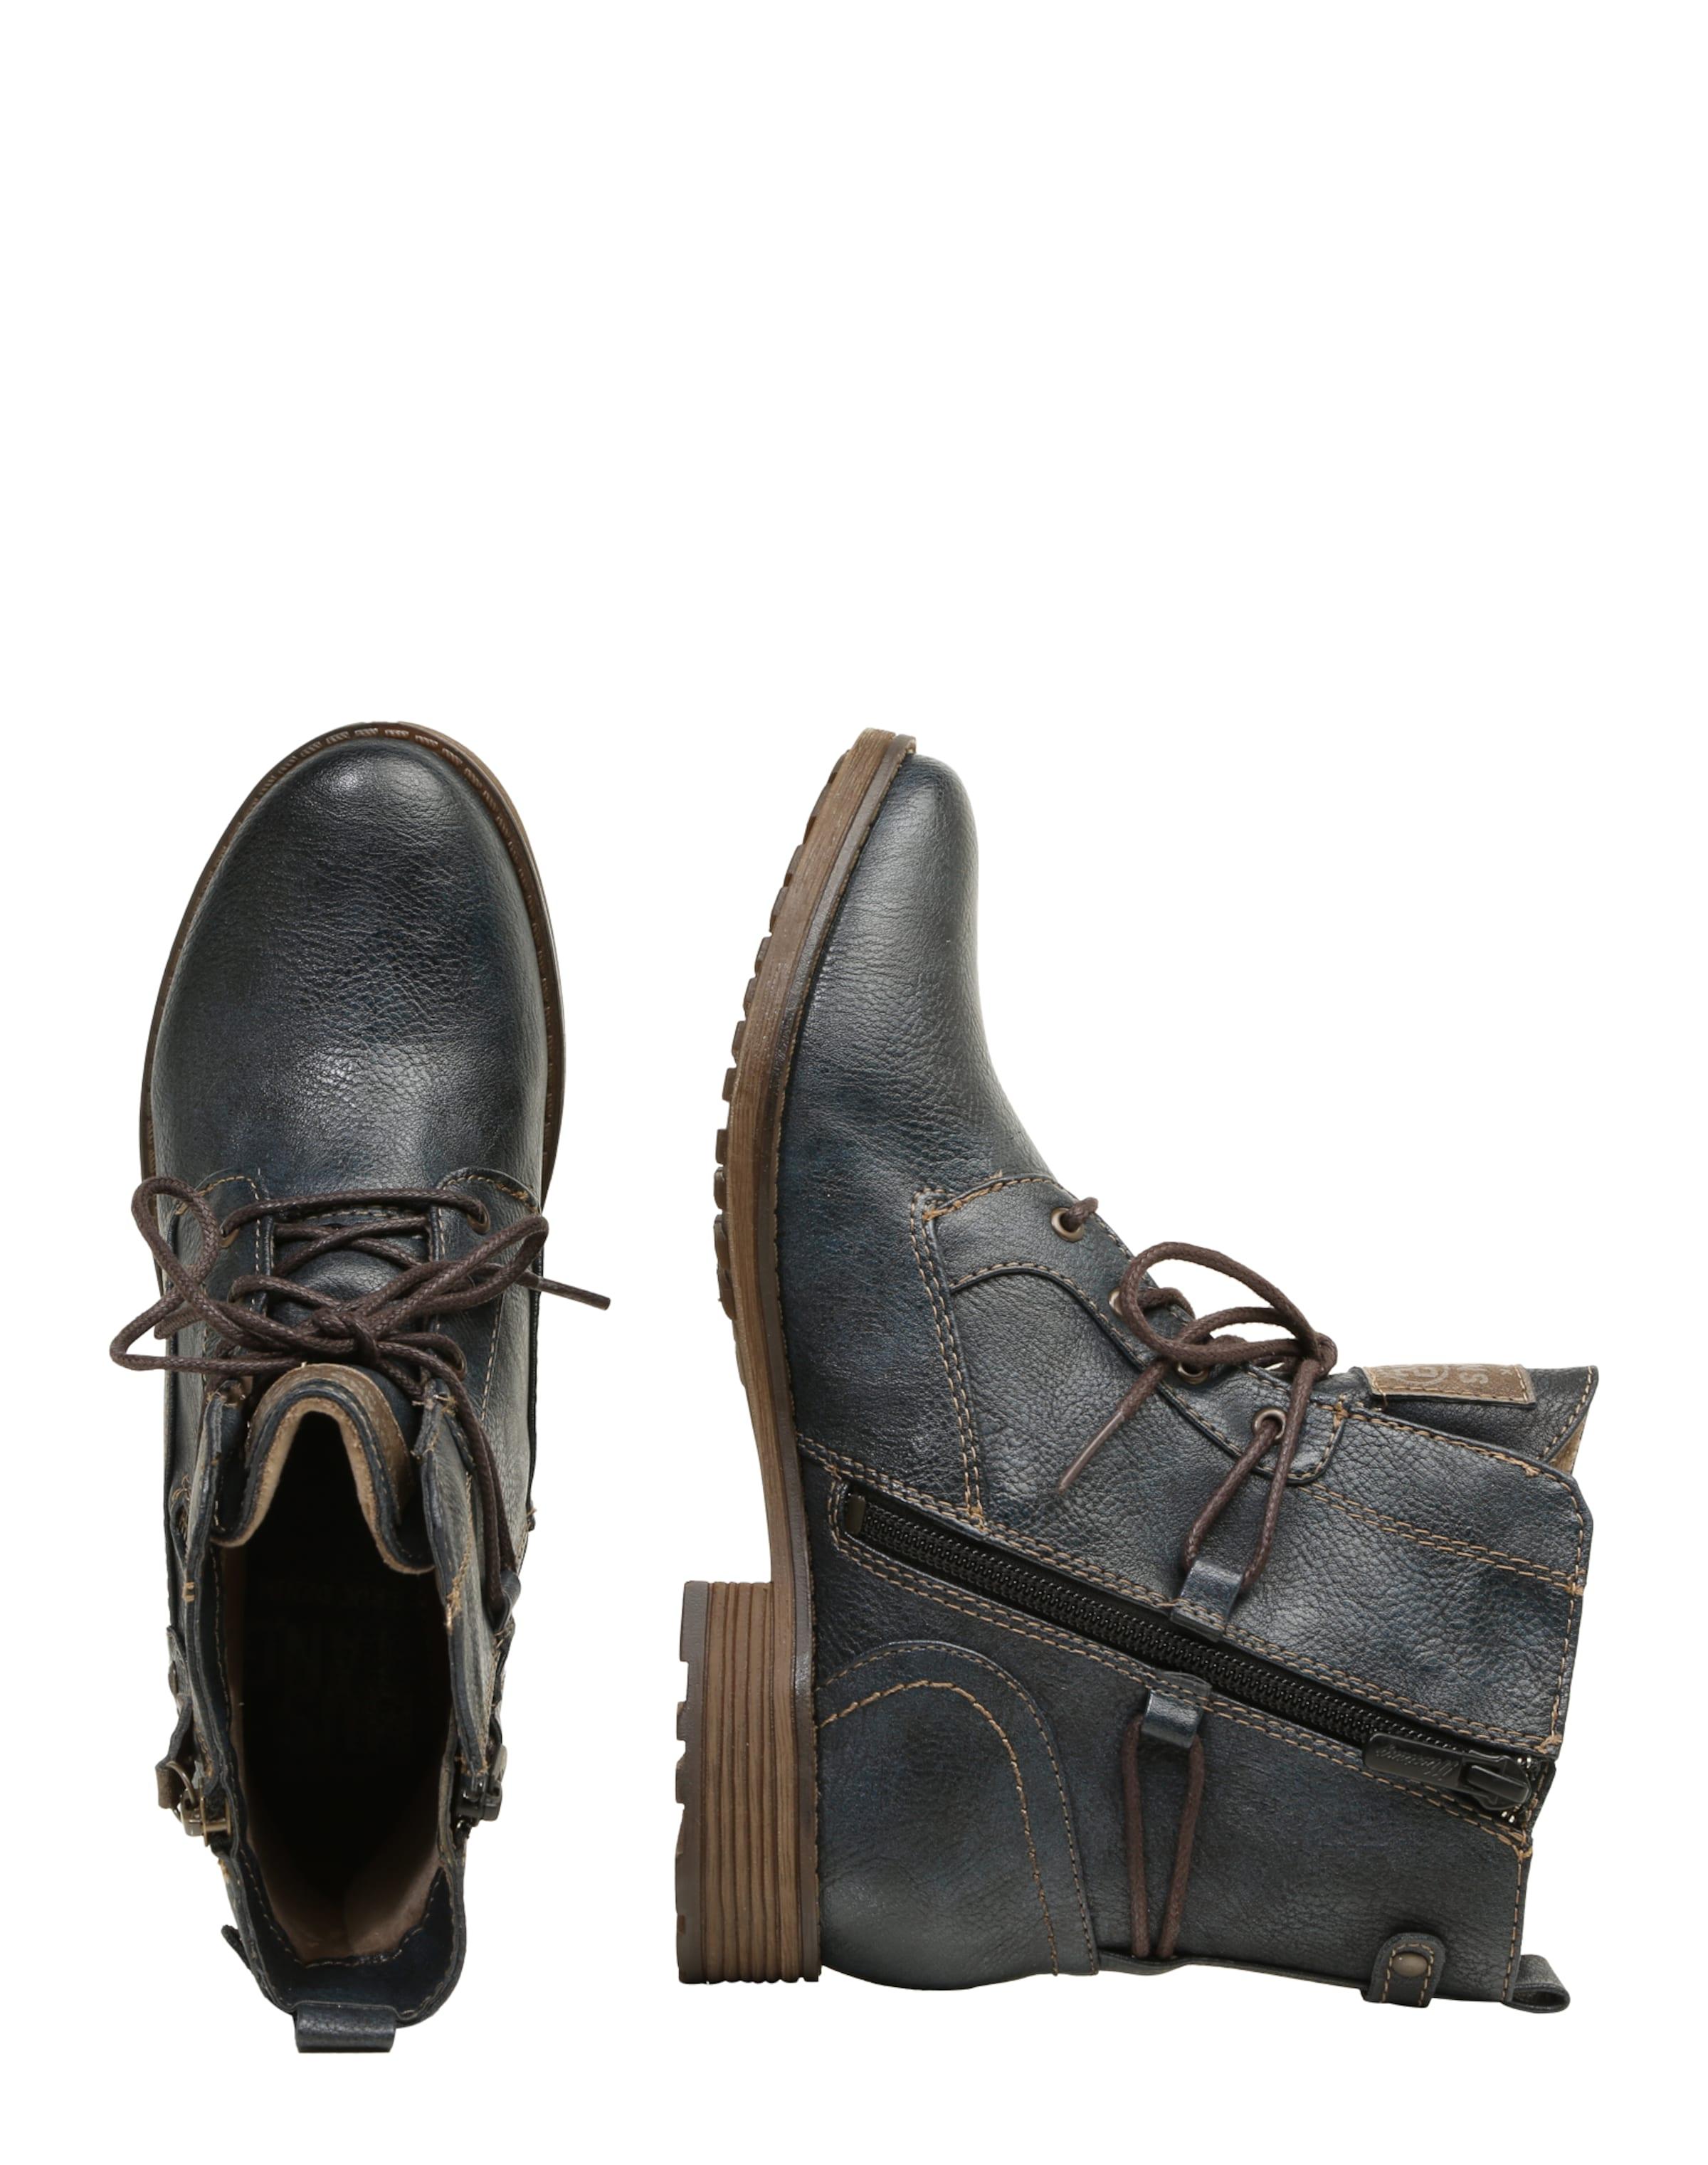 MUSTANG Schnürstiefeletten im Leder-Look Billige Schnelle Lieferung Preiswerte Reale Eastbay VhhXij0N